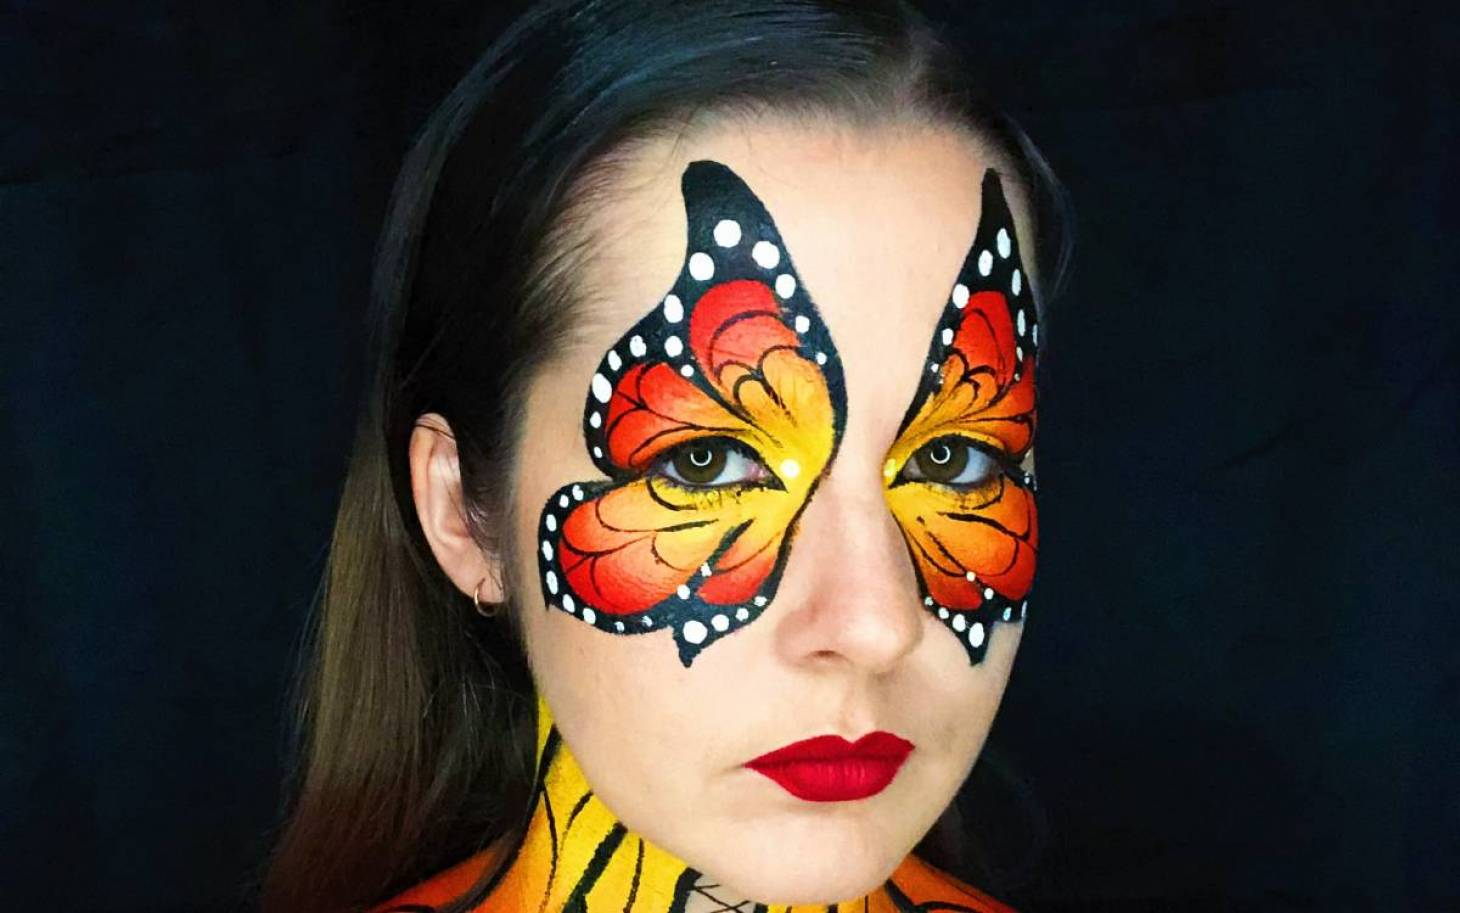 Le face painting a un visage